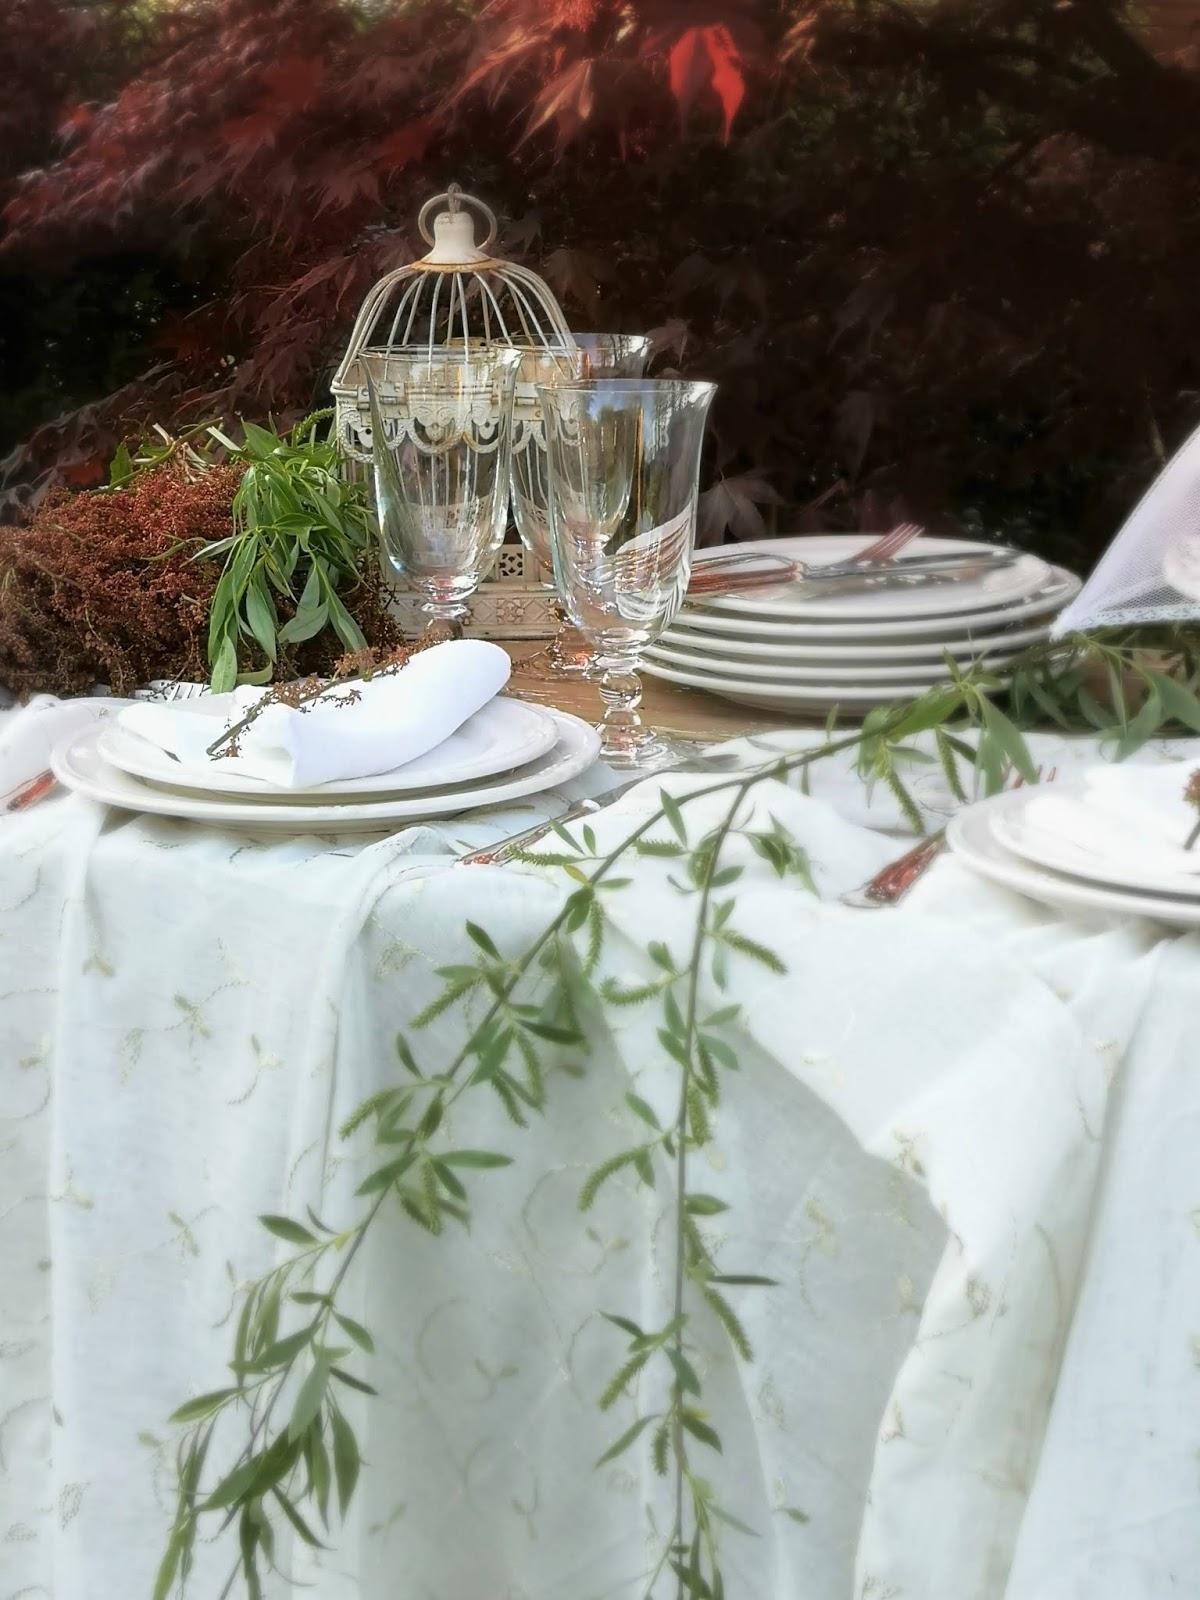 apparecchiare una tavola in giardino